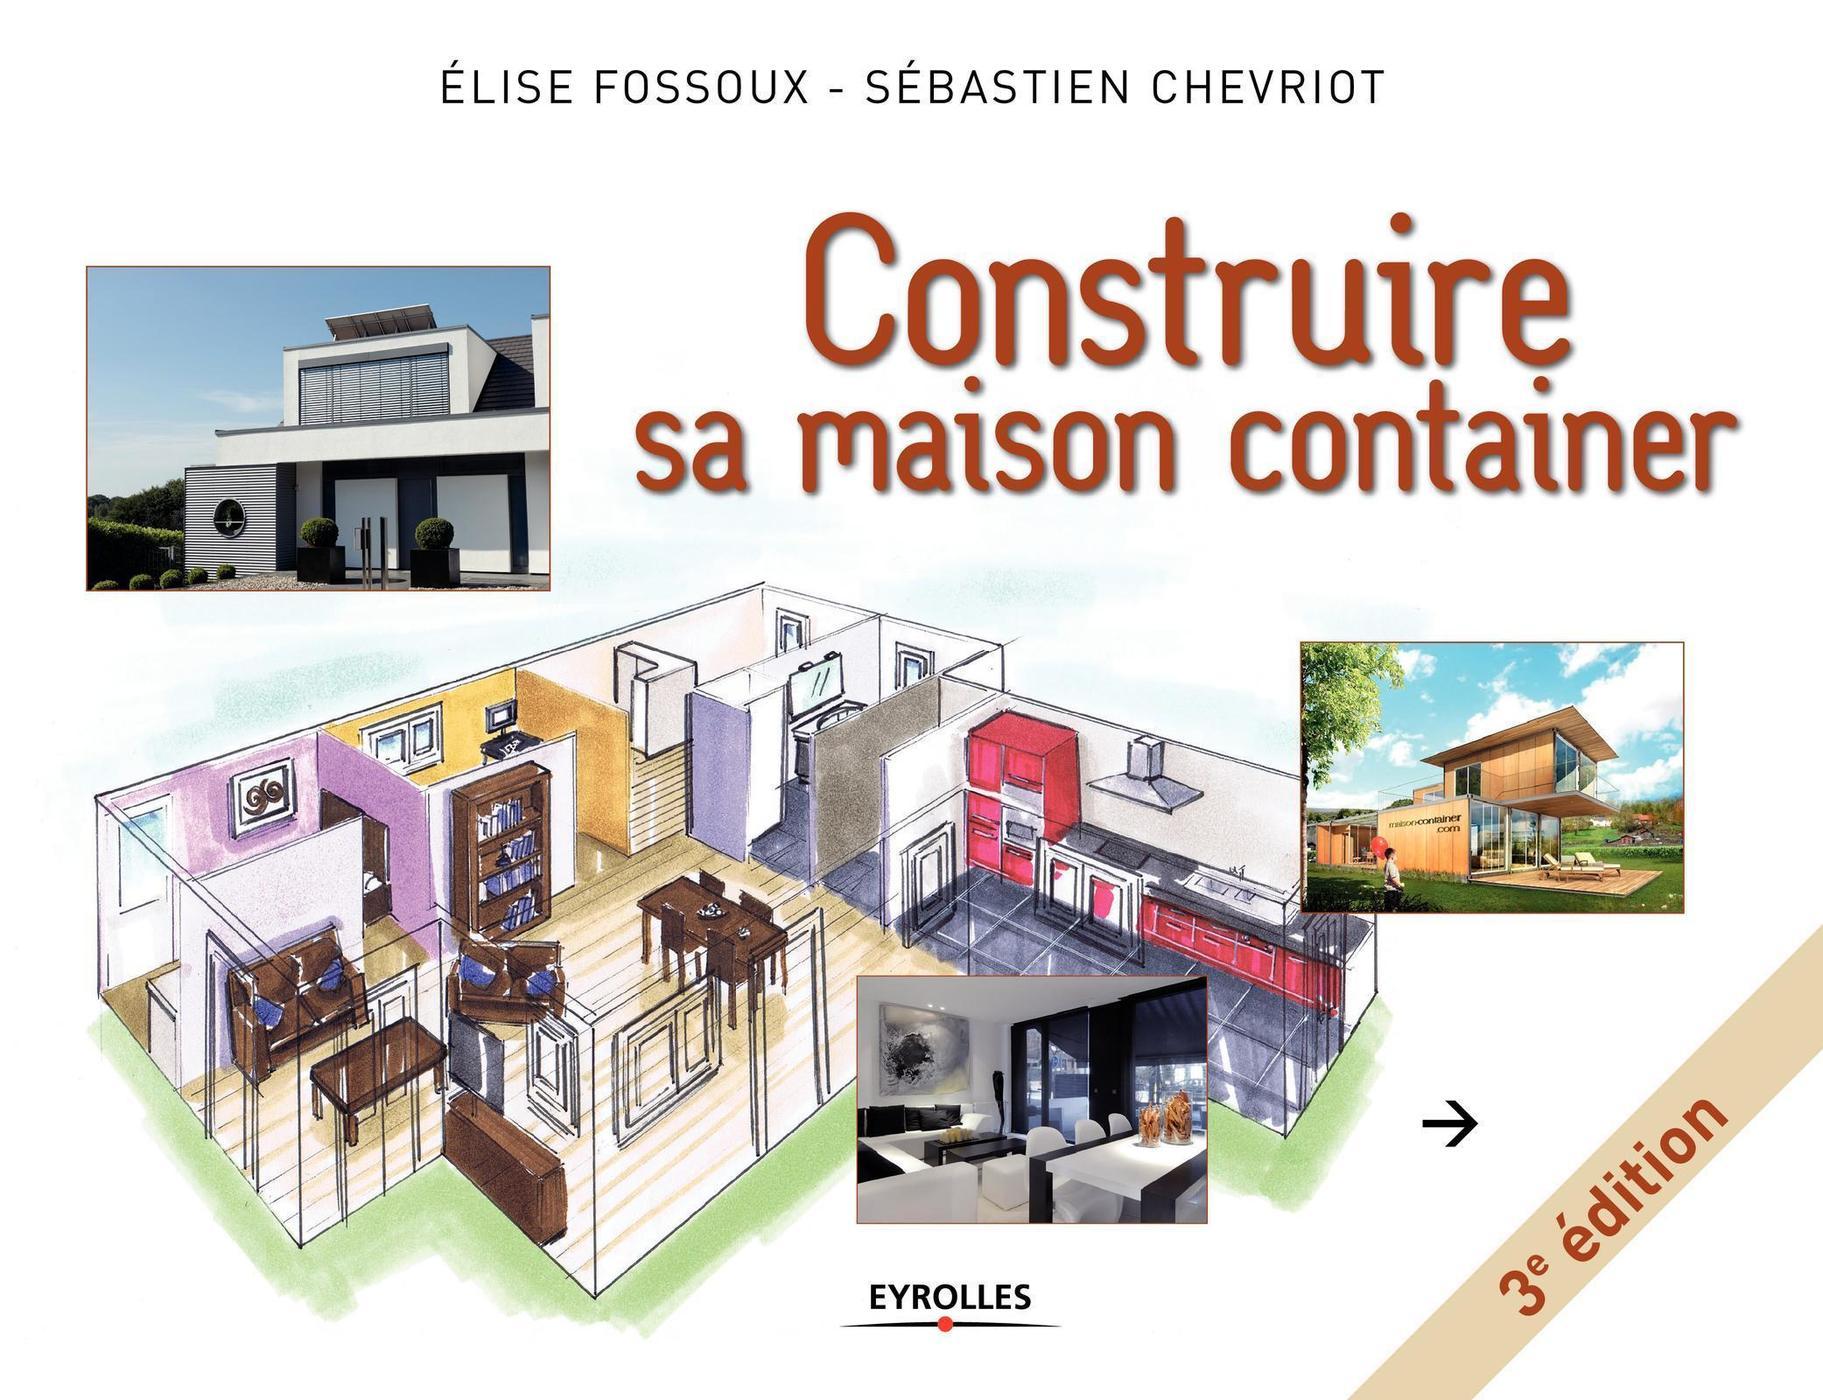 Construire sa maison container - S.Chevriot, E.Fossoux - 3ème ...